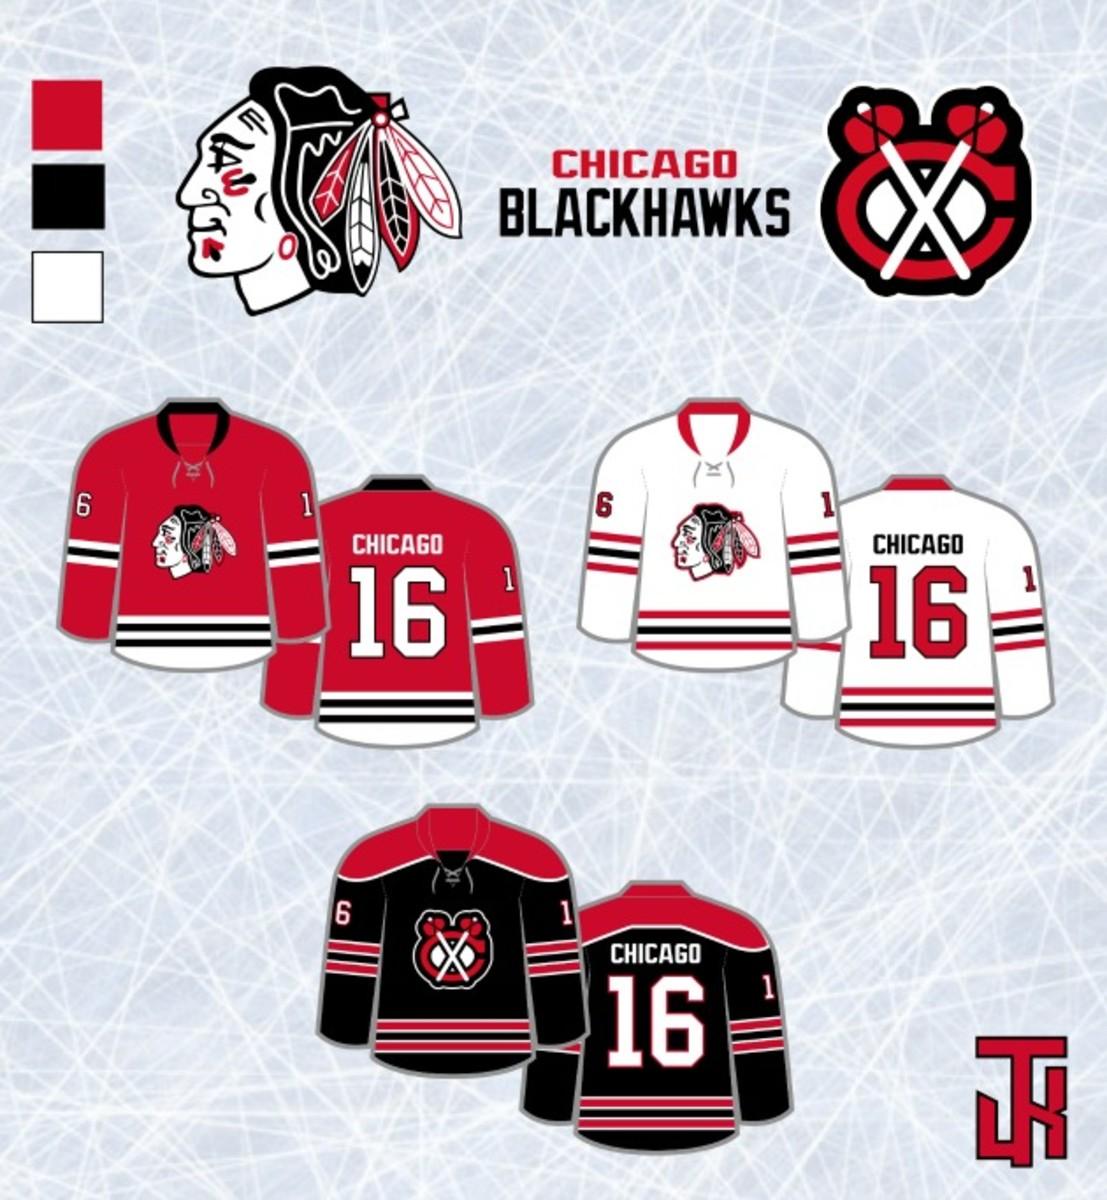 Chicago-blackhawks.jpg